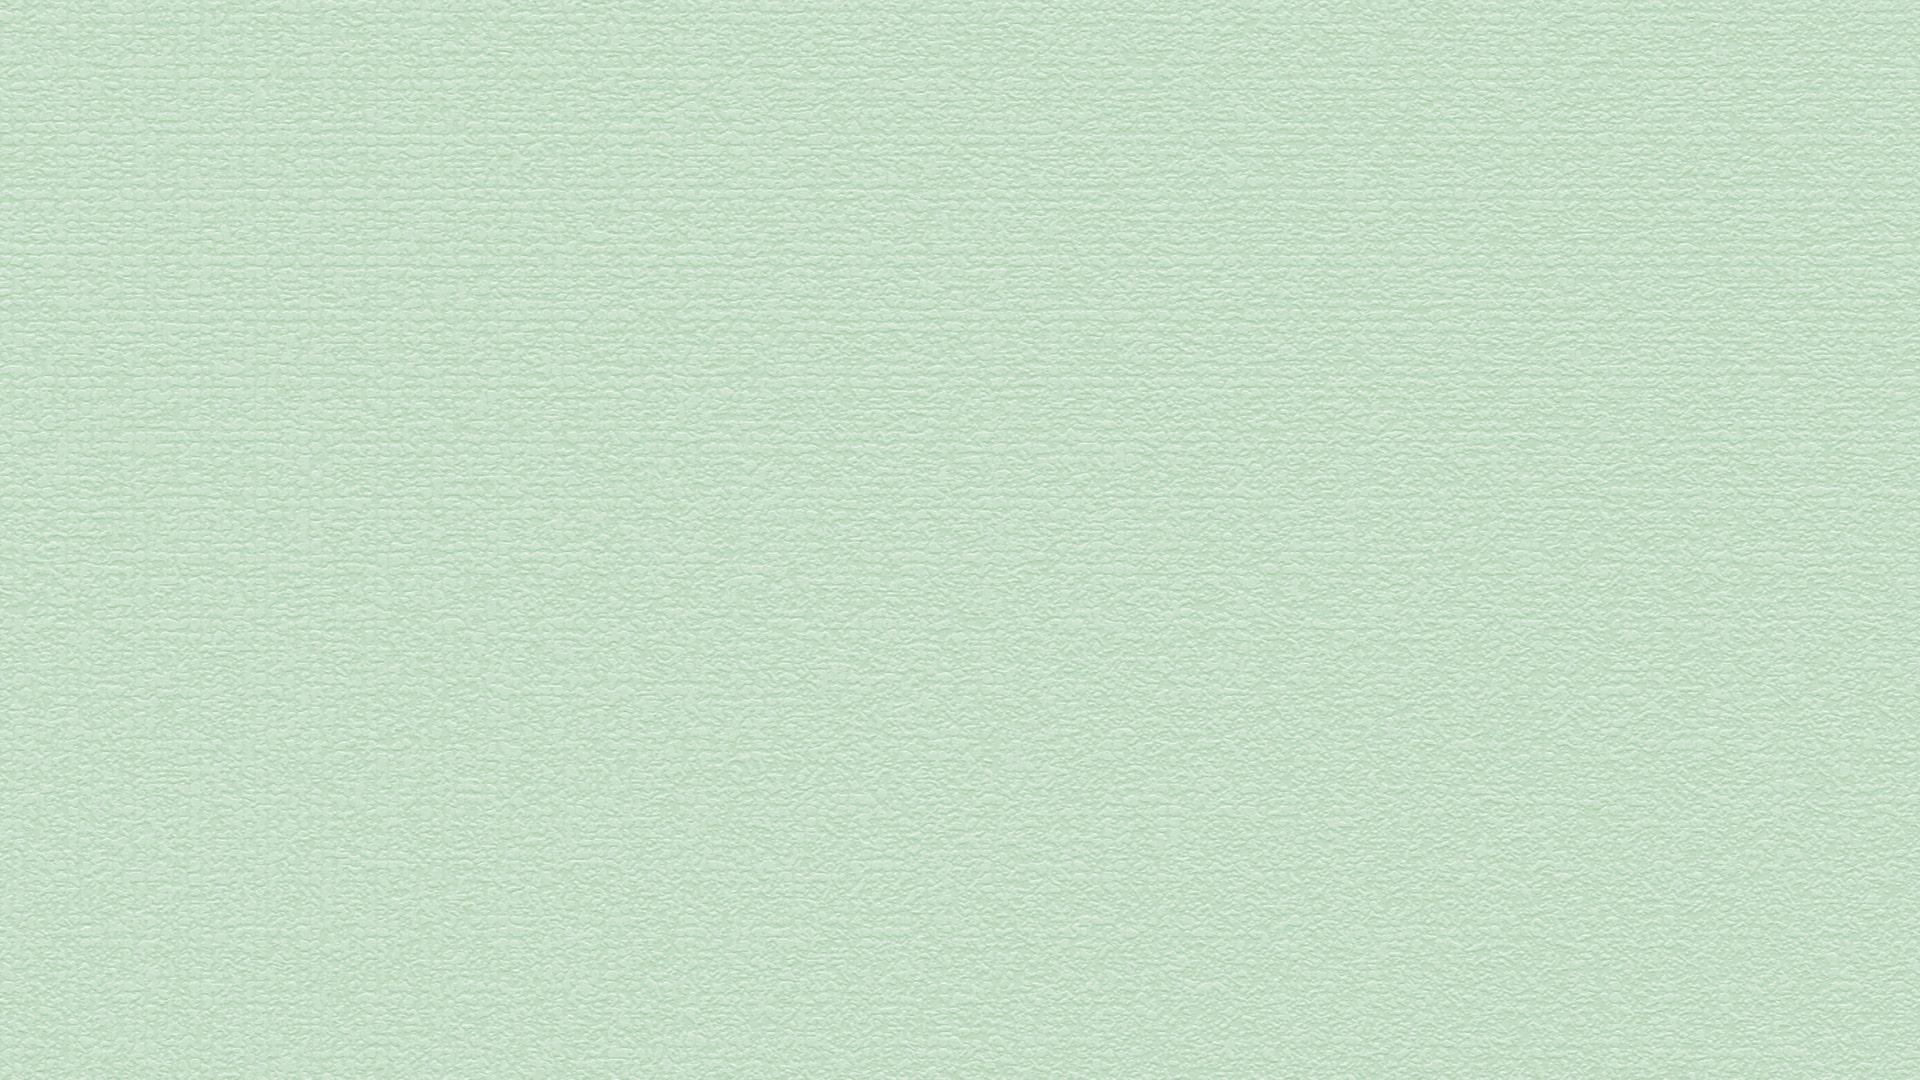 一般的な壁模様1_green